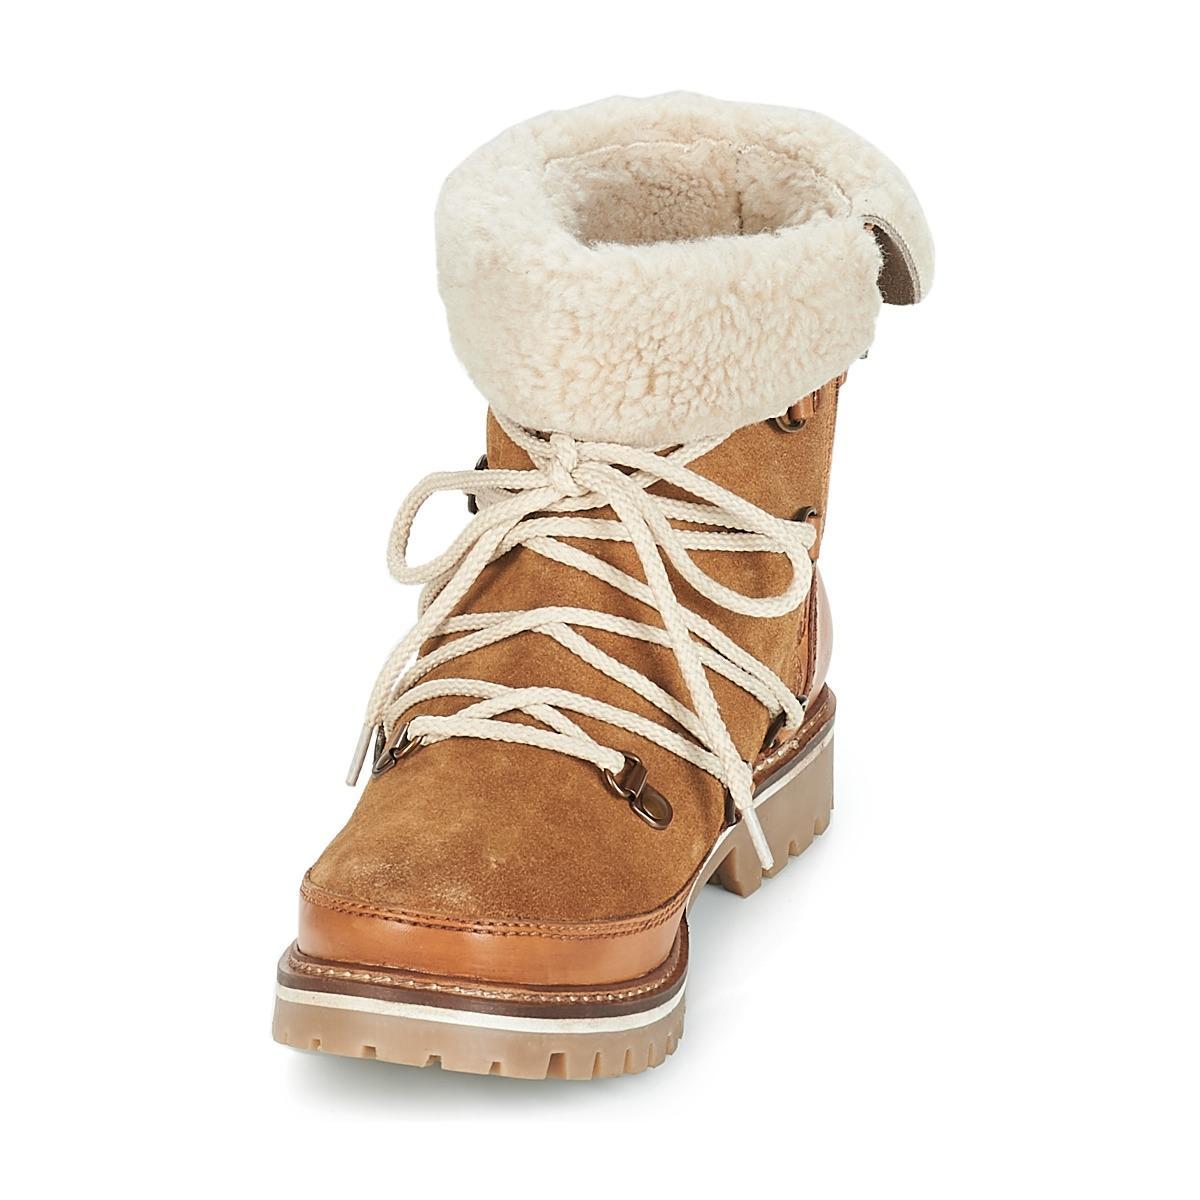 Les Tropéziennes Par M Belarbi Leather Melissa Mid Boots in Brown